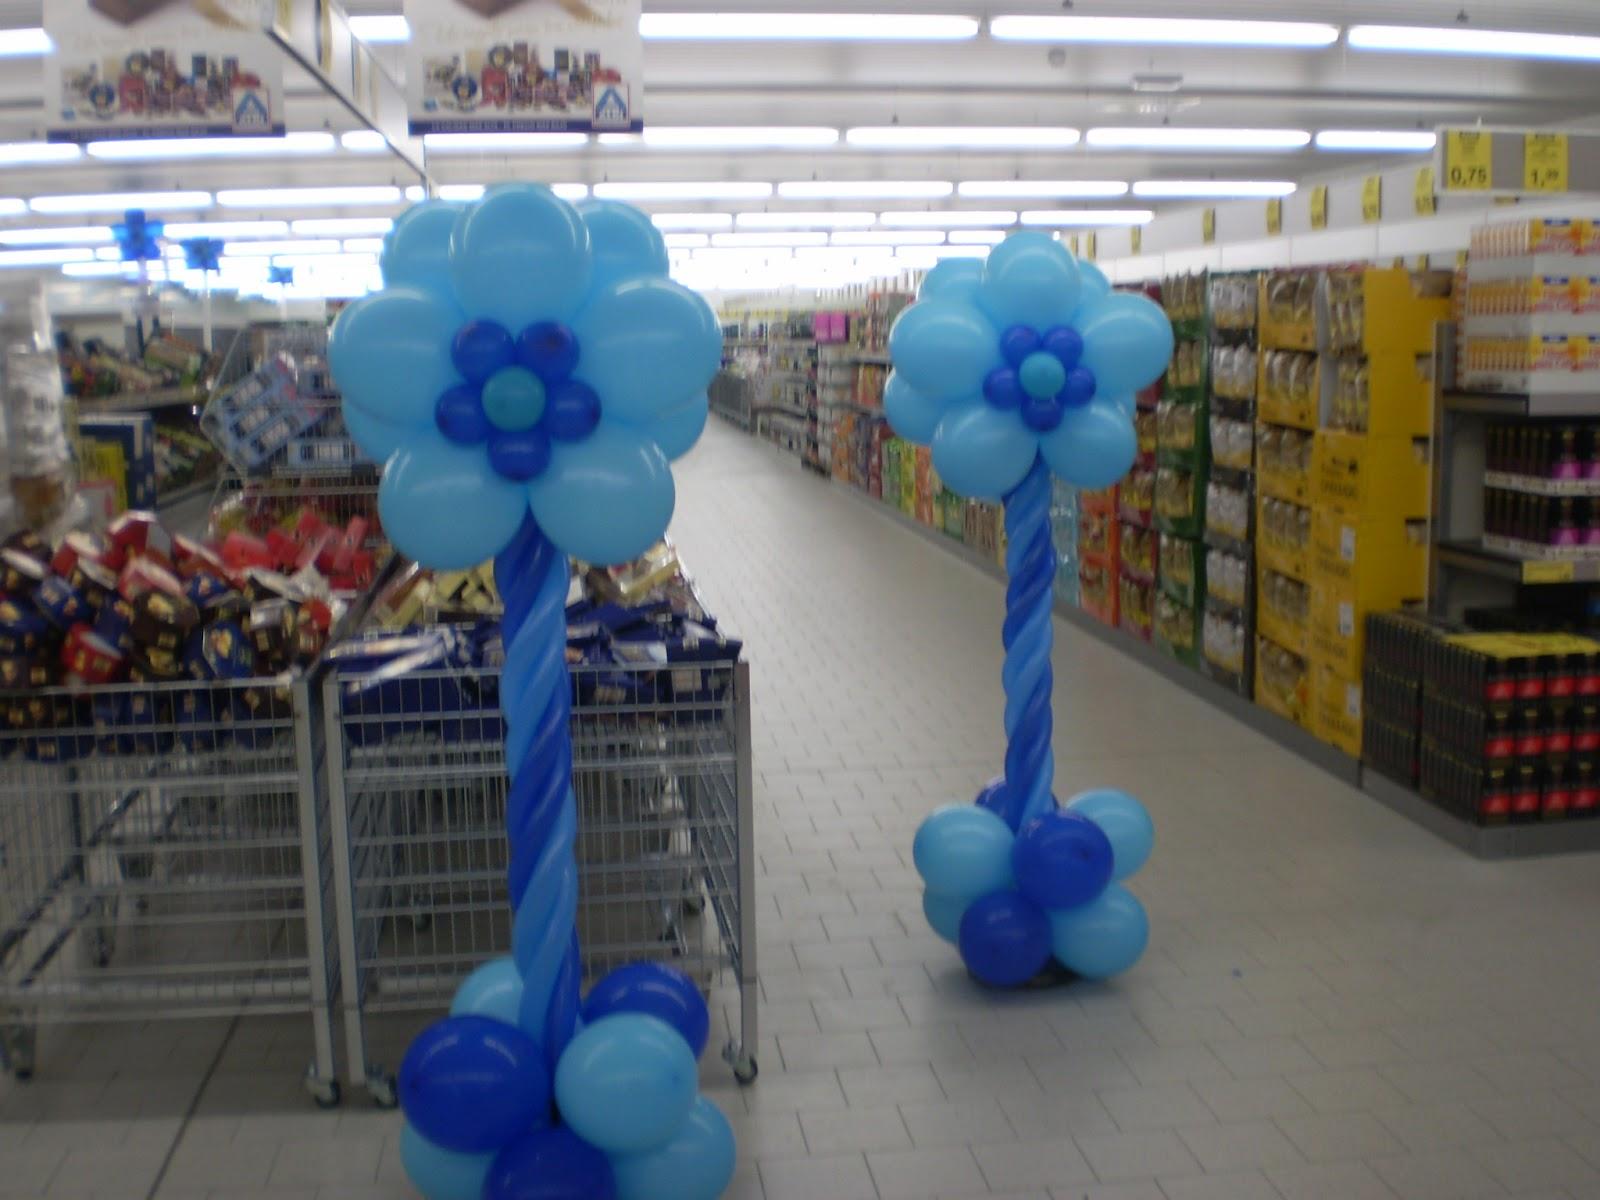 El mundo de ende decoracion inaguracion supermercado aldi for El mundo decoracion